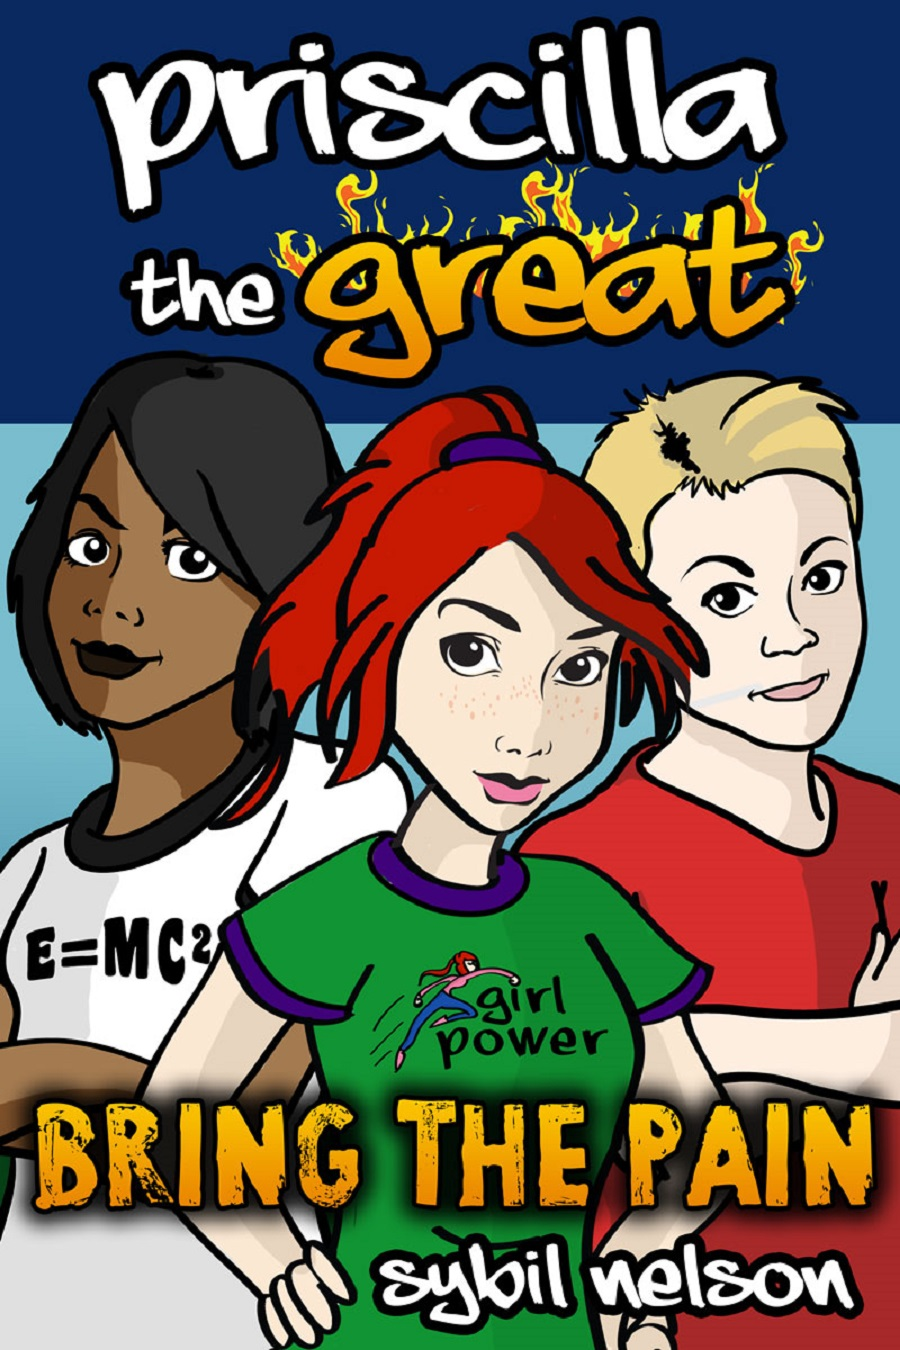 Priscilla the Great series